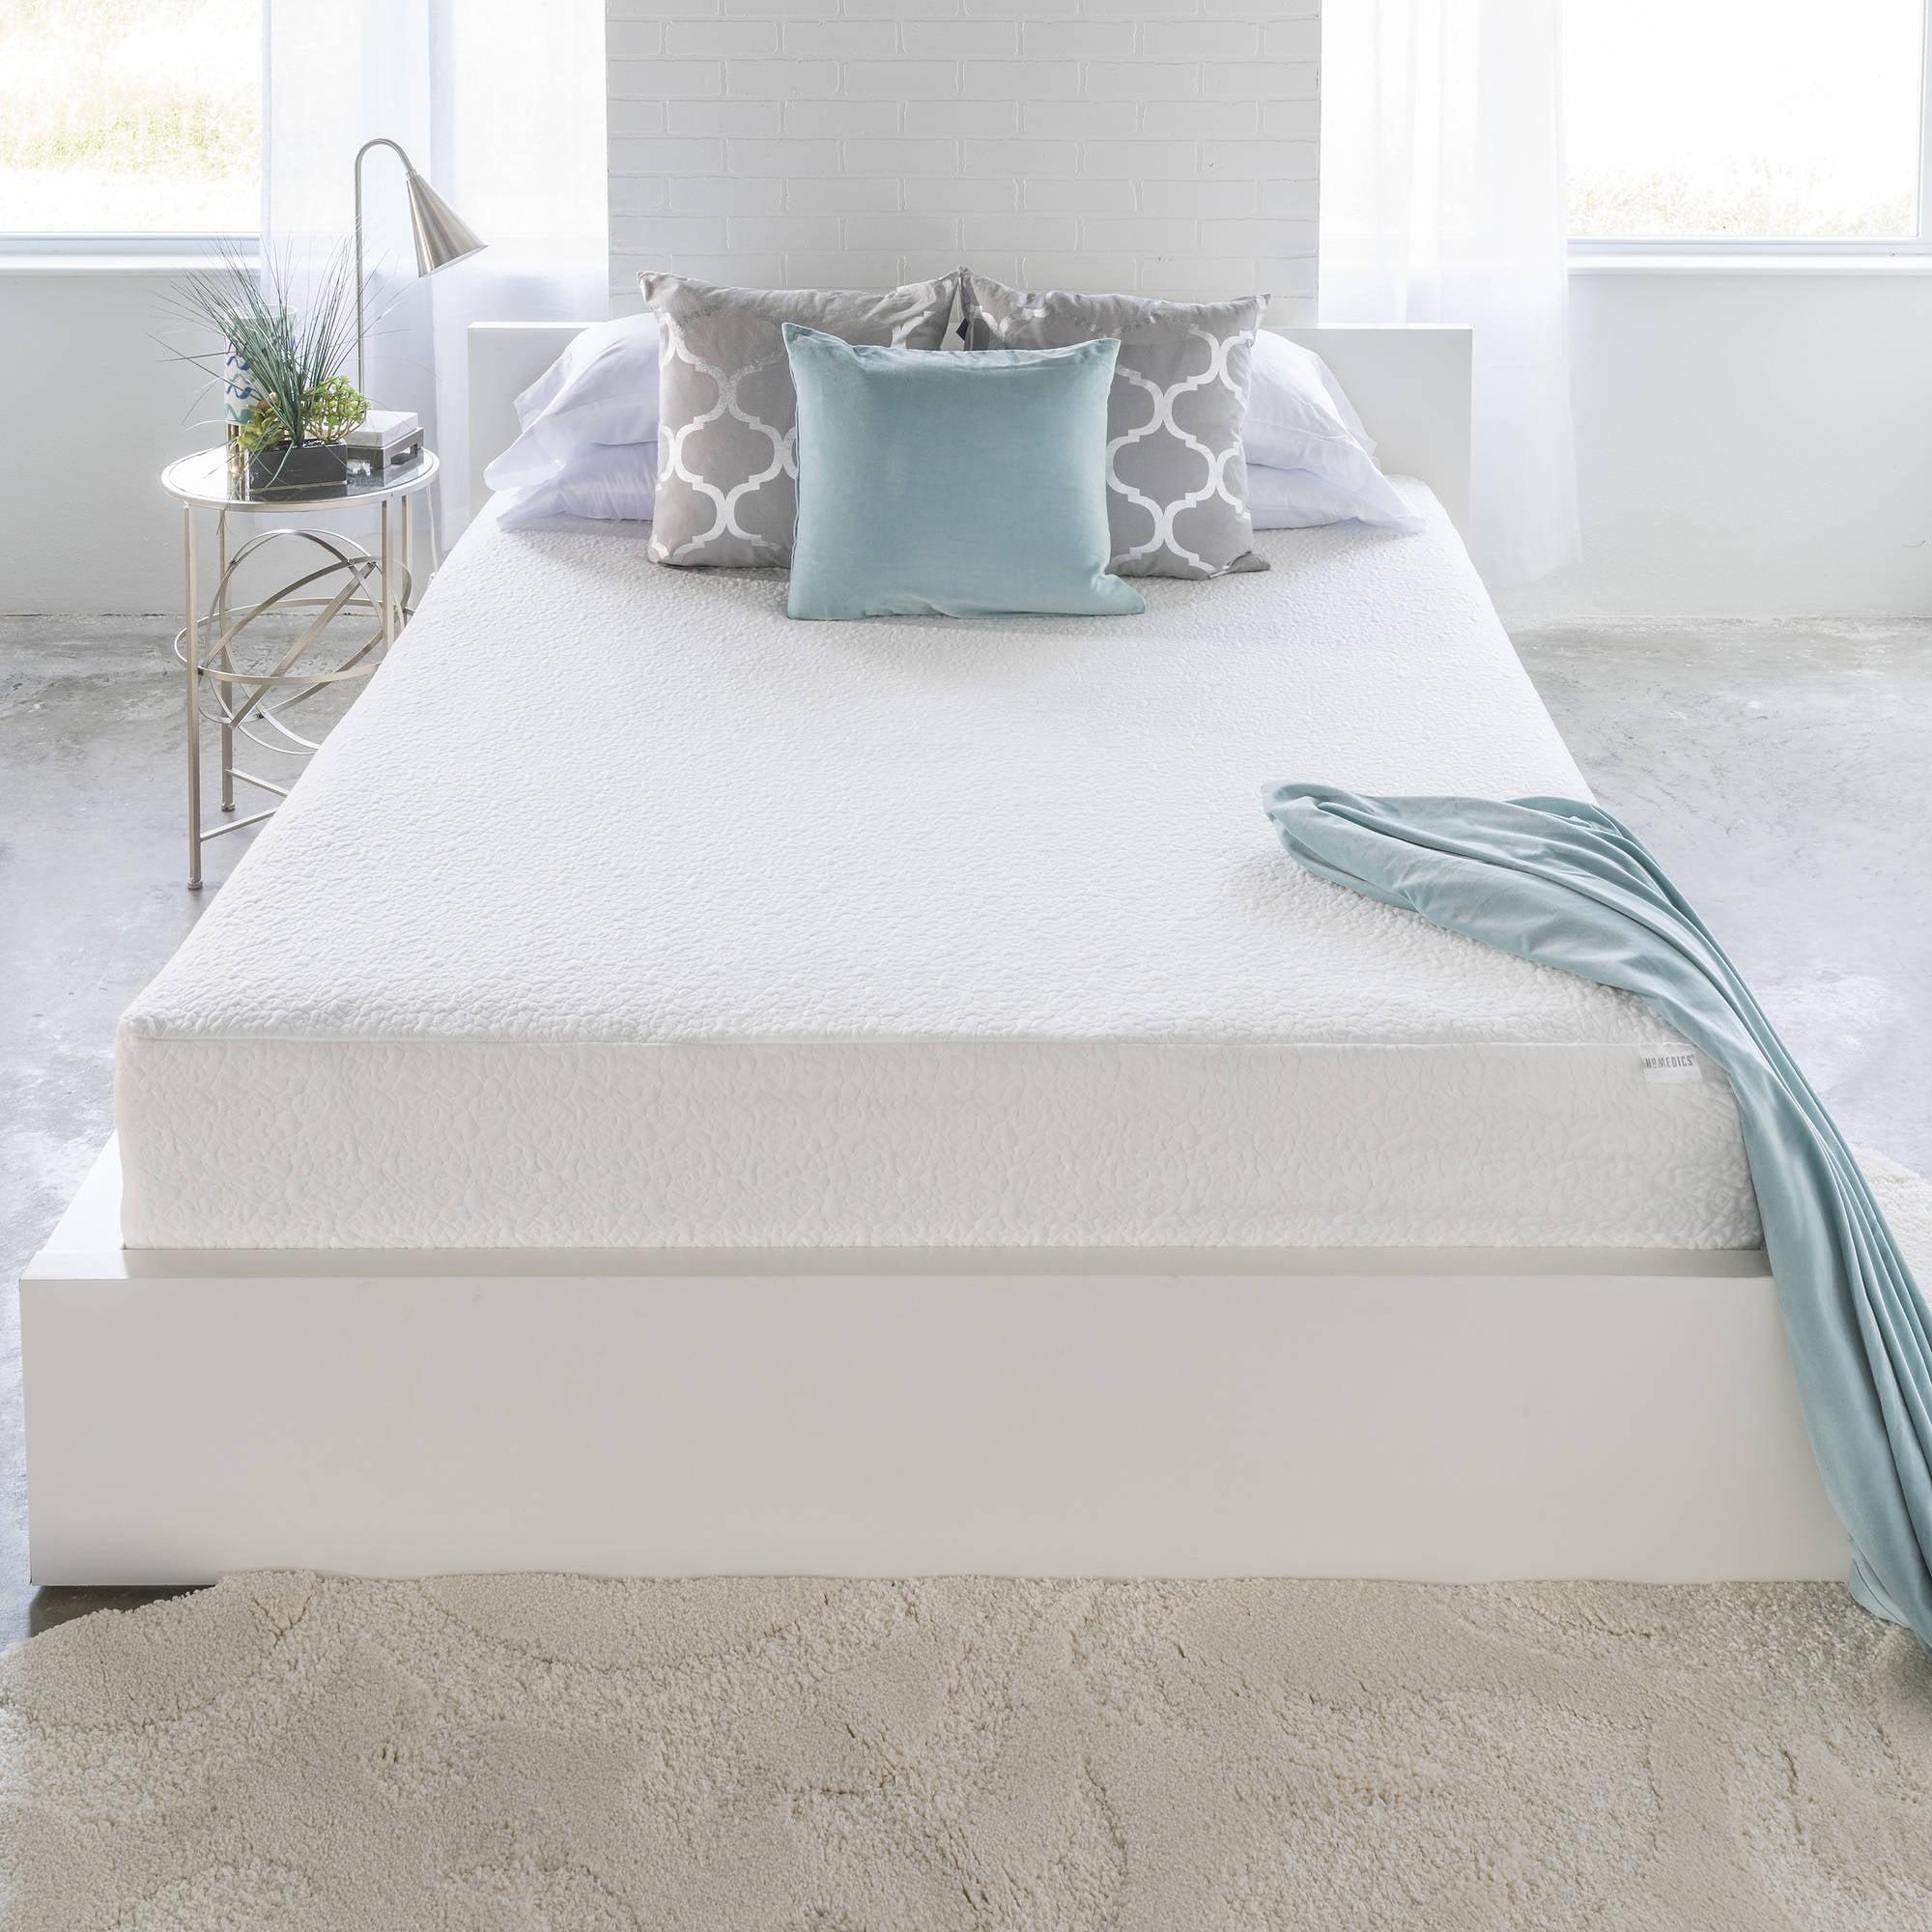 Linenspa 11 Inch Luxury Gel Memory Foam Mattress Split